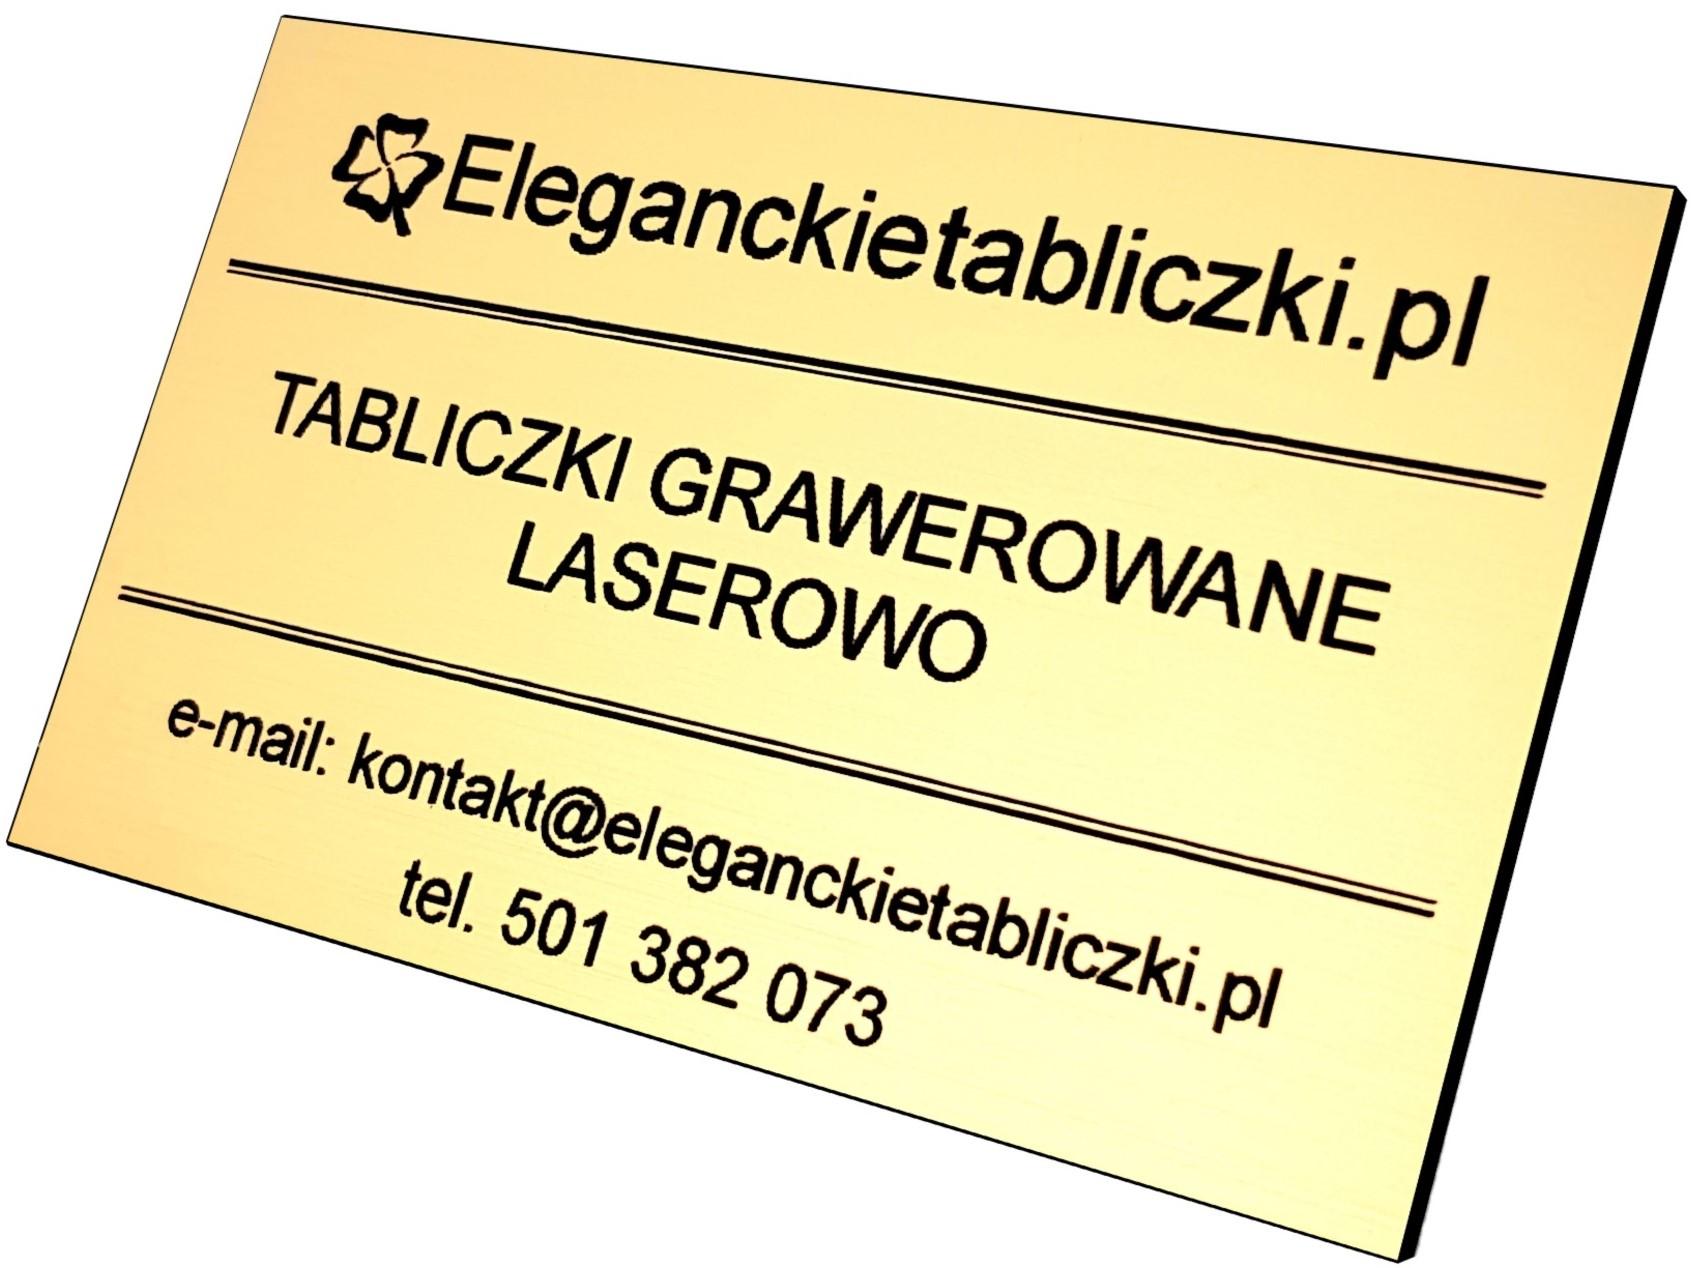 Tabliczki grawerowane laserowo Eleganckietabliczki.pl